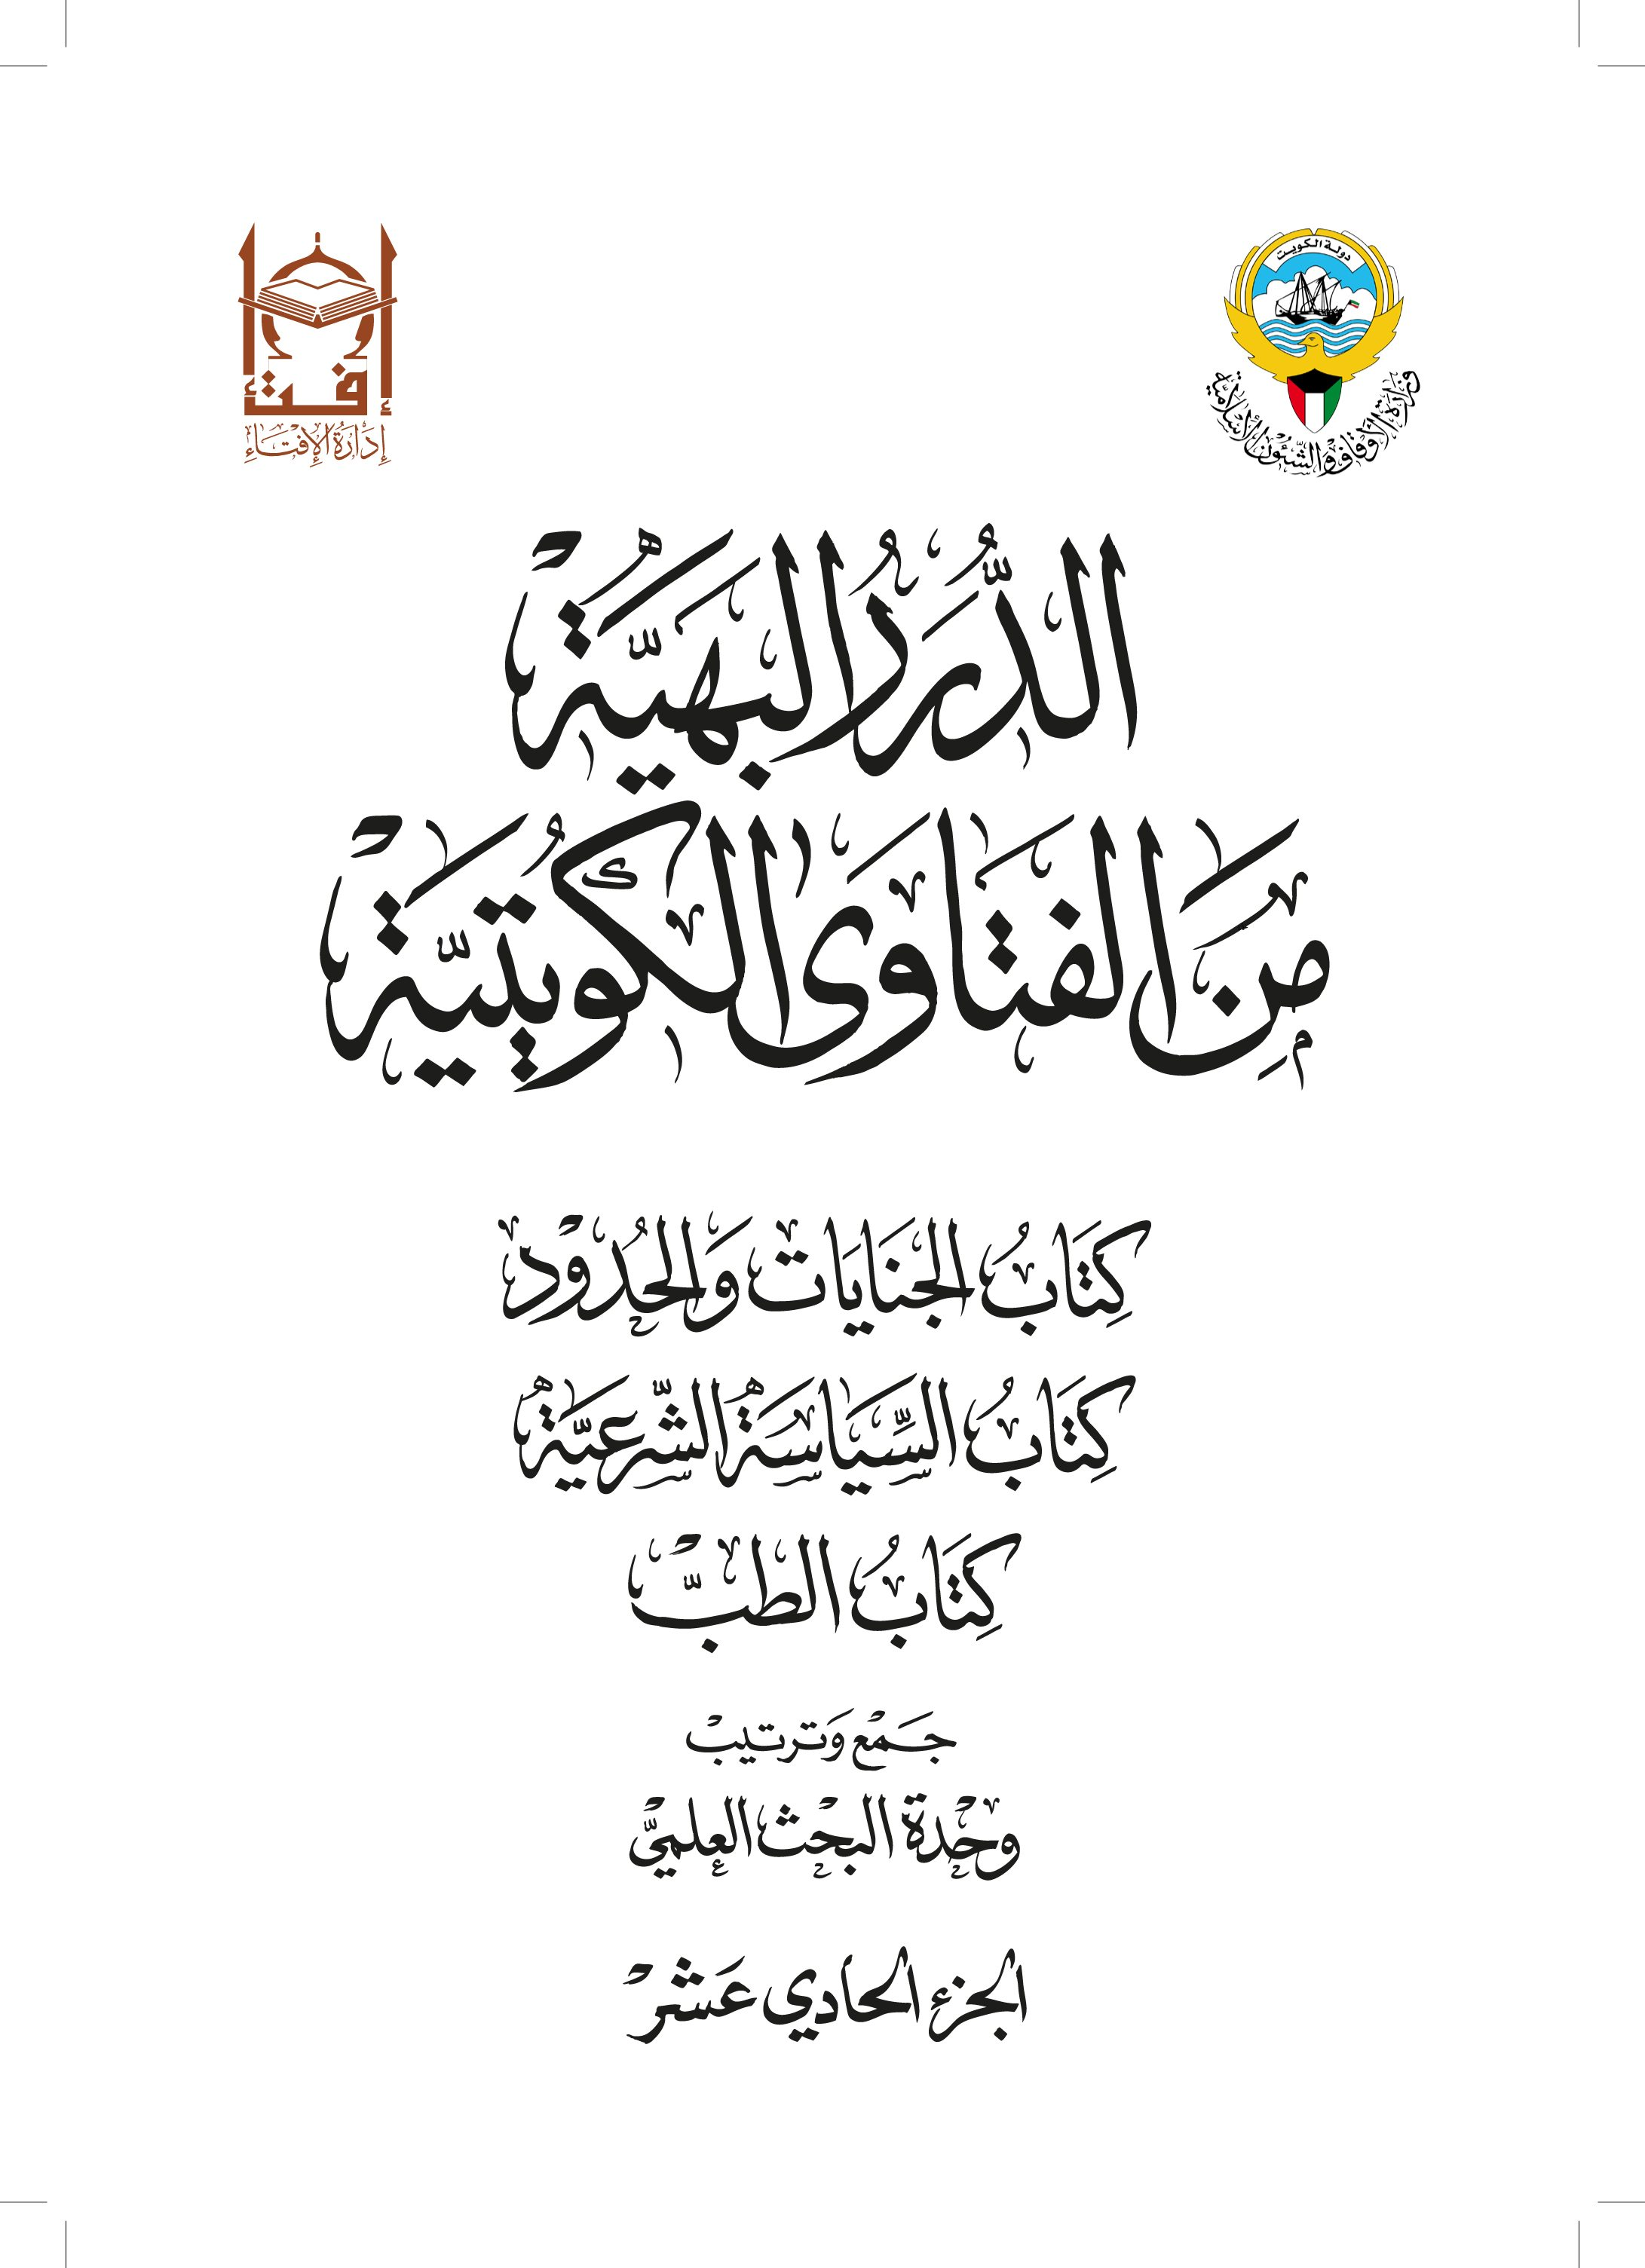 الدرر البهية من الفتاوى الكويتية - كتاب الجنايات والحدود والسياسة الشرعية والطب (الجزء الحادي عشر)